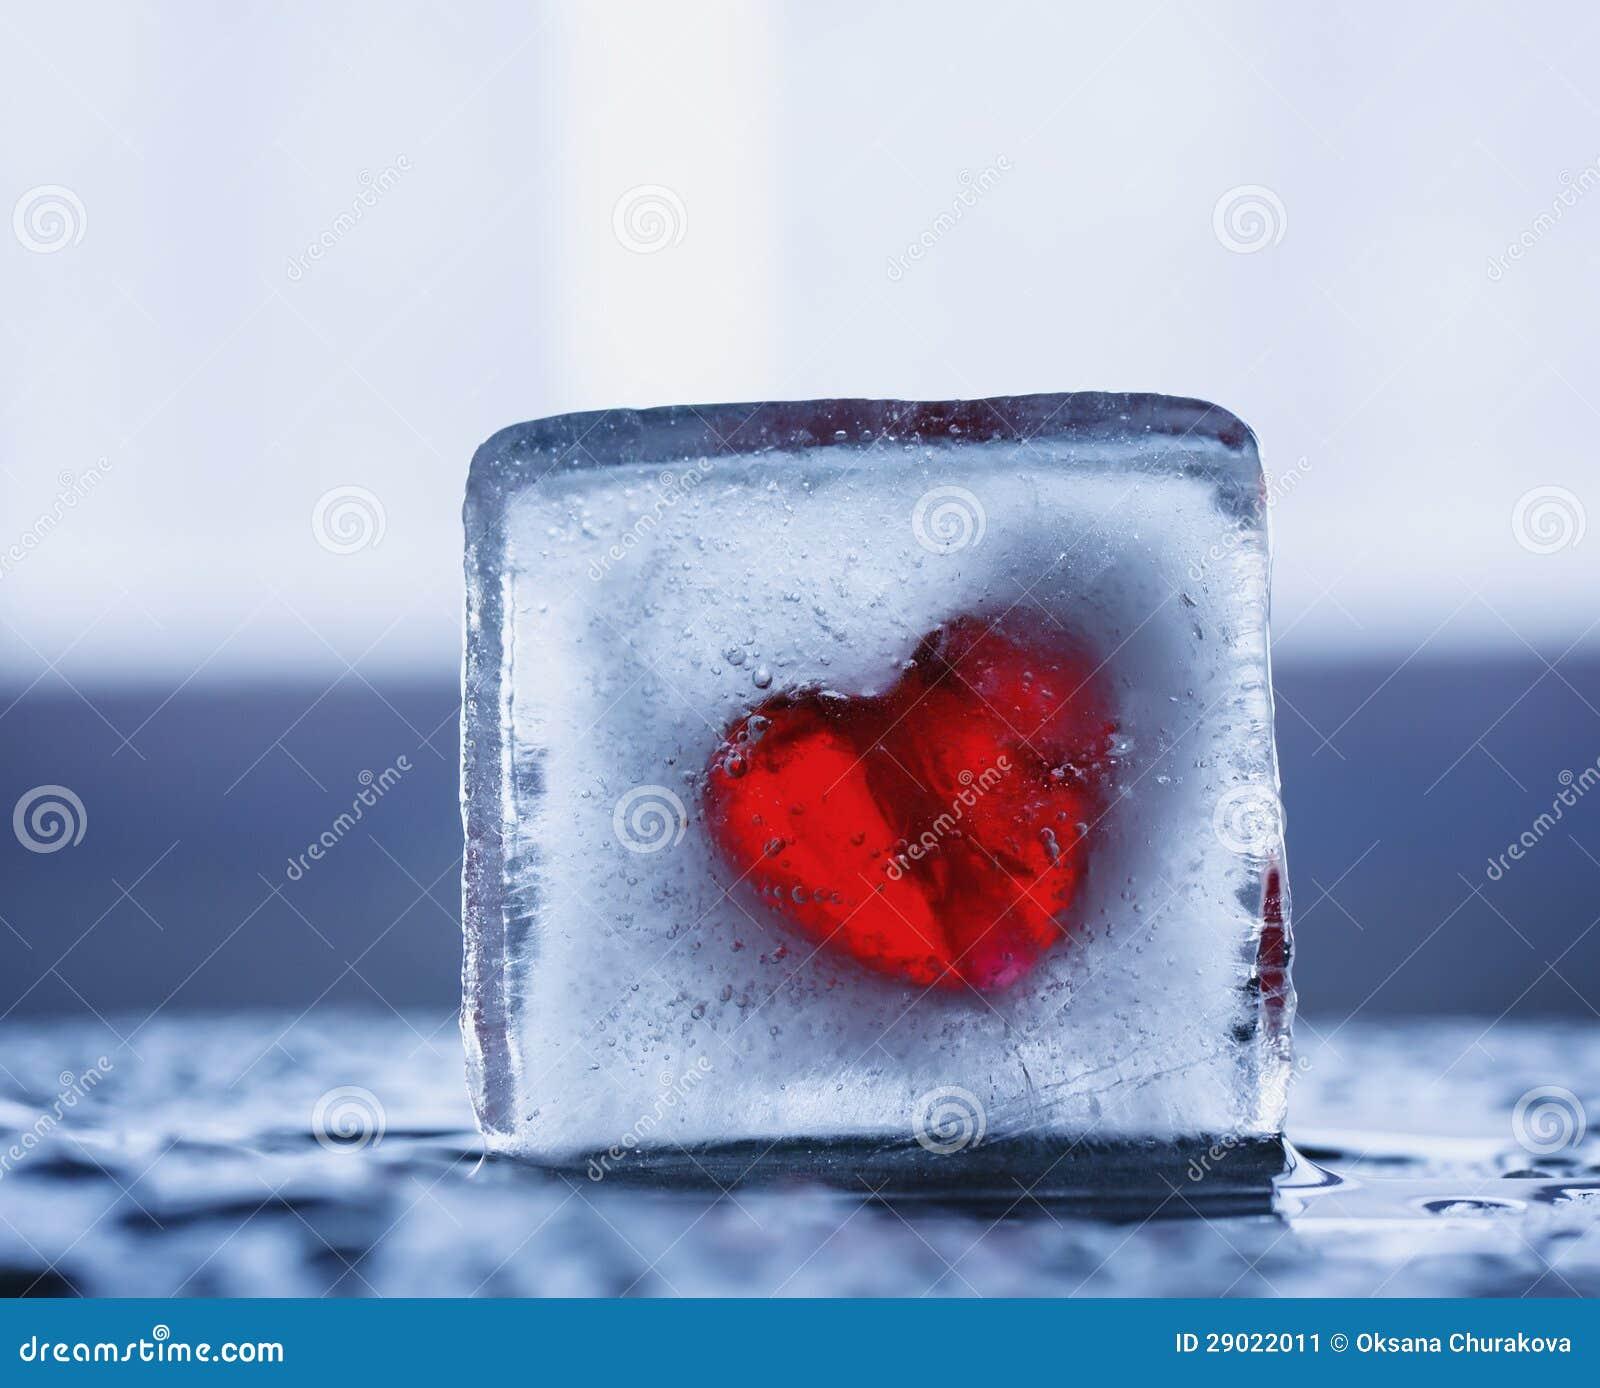 Hart in een blok van ijs